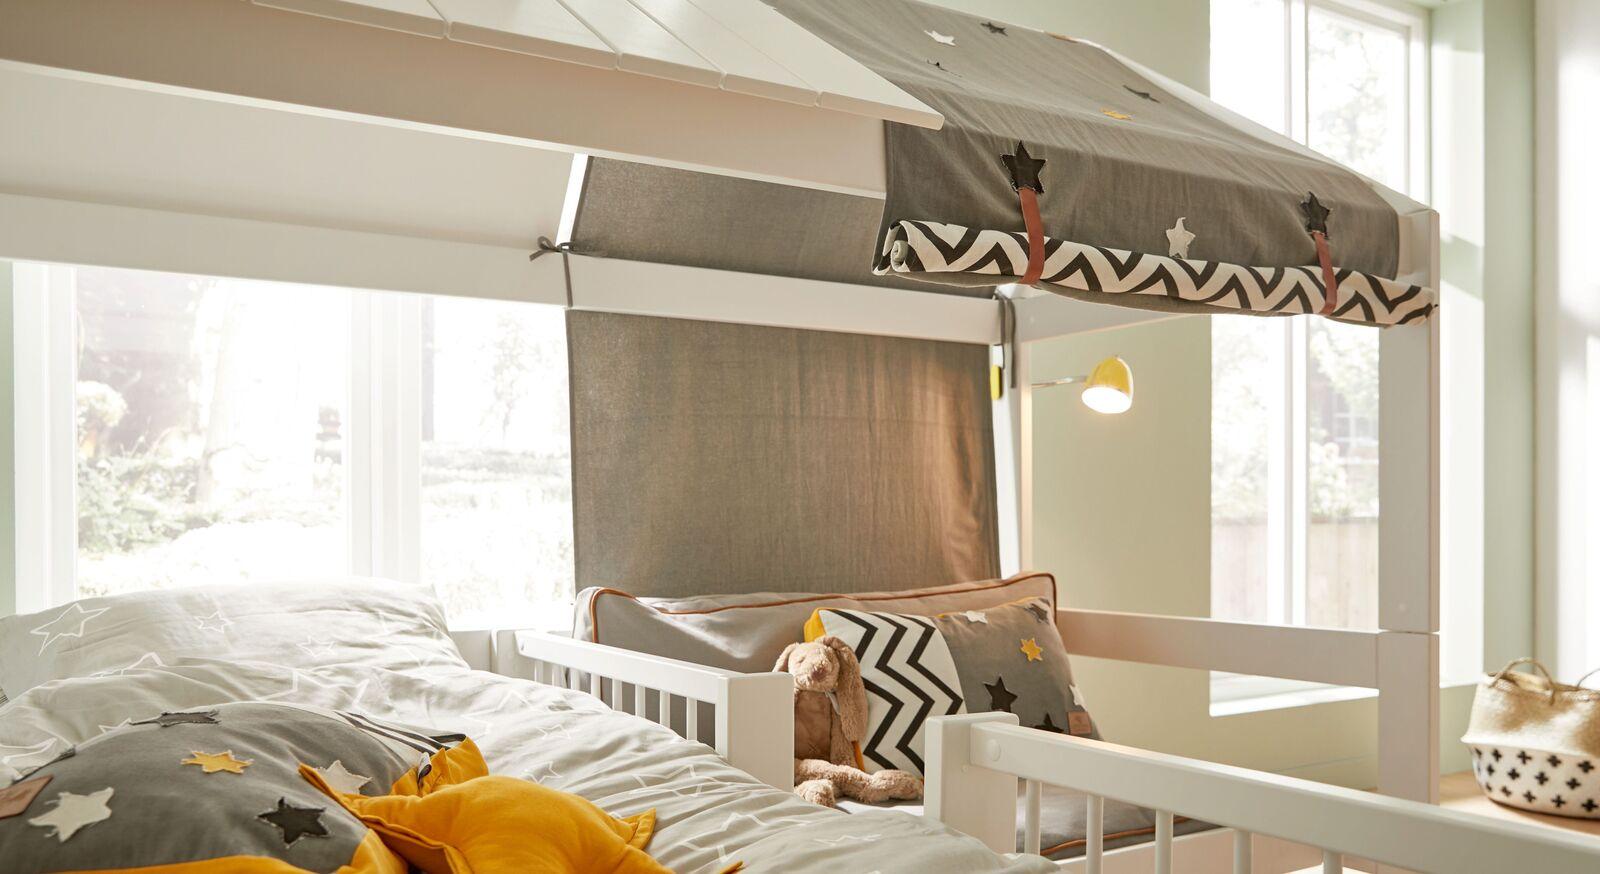 LIFETIME Bett und Sofa Ferienhaus mit attraktivem Betthimmel